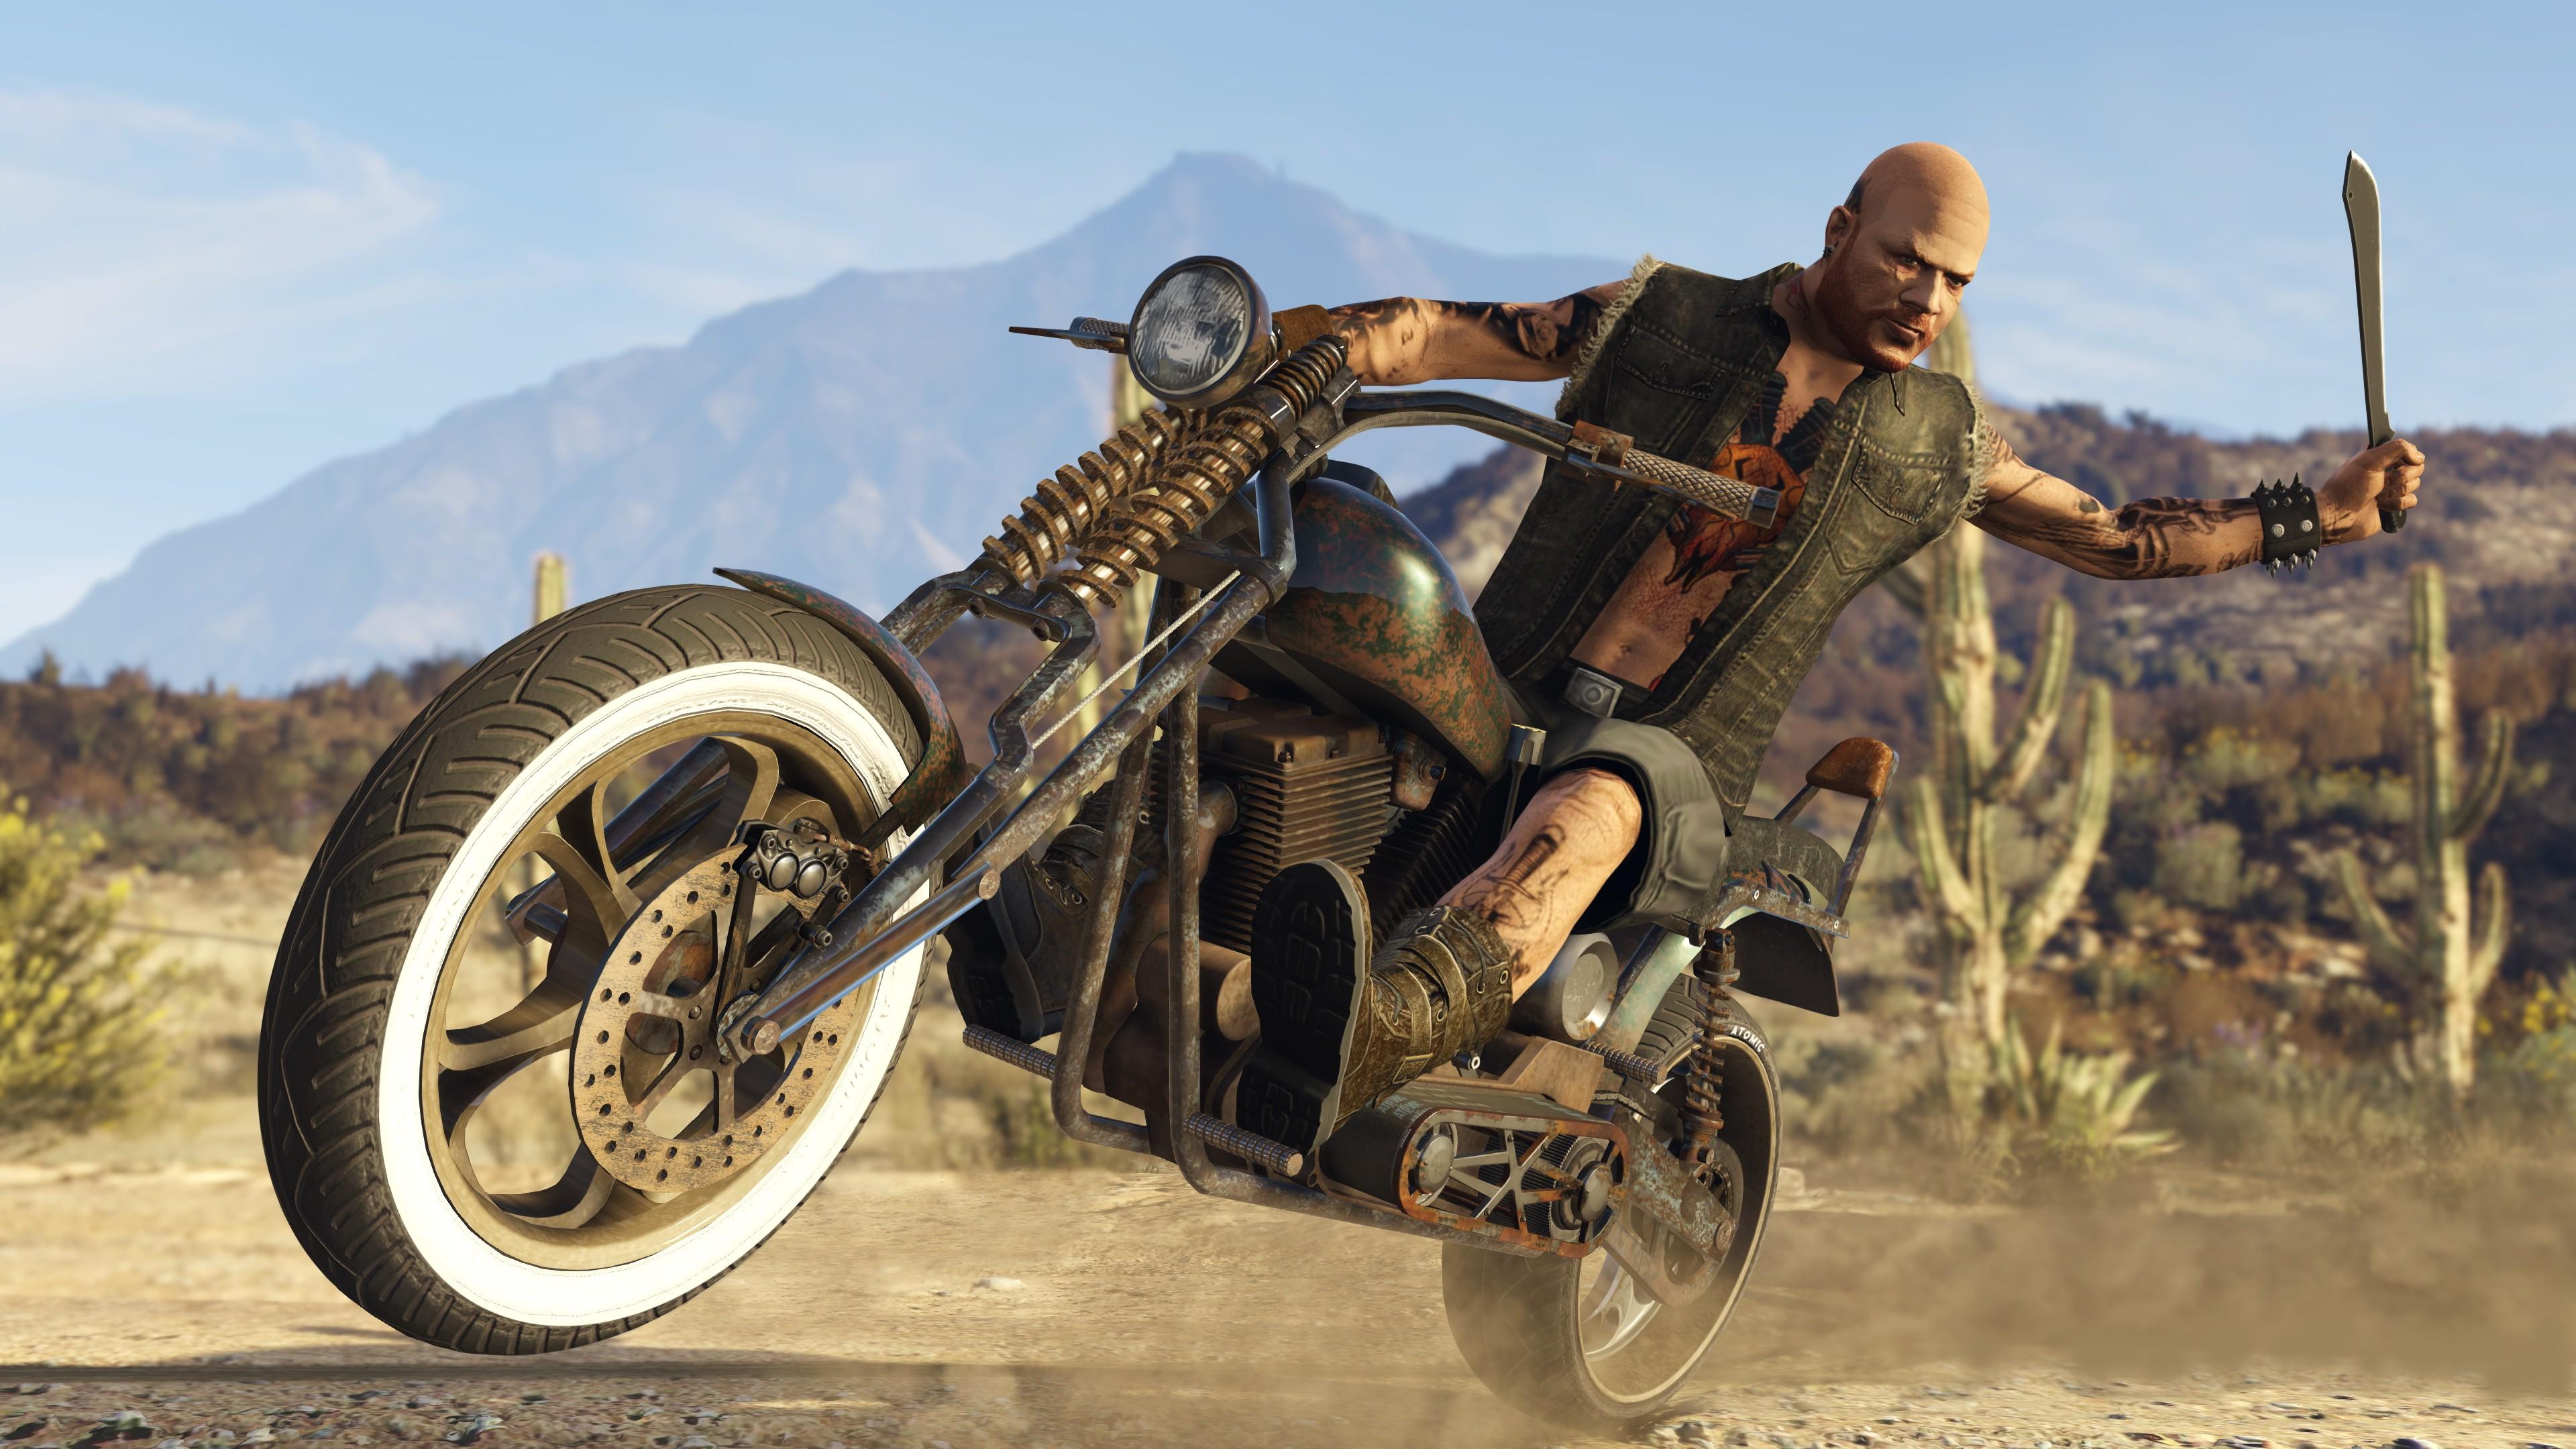 Wallpaper GTA Online Bikers Gta 5 Best Games 11821